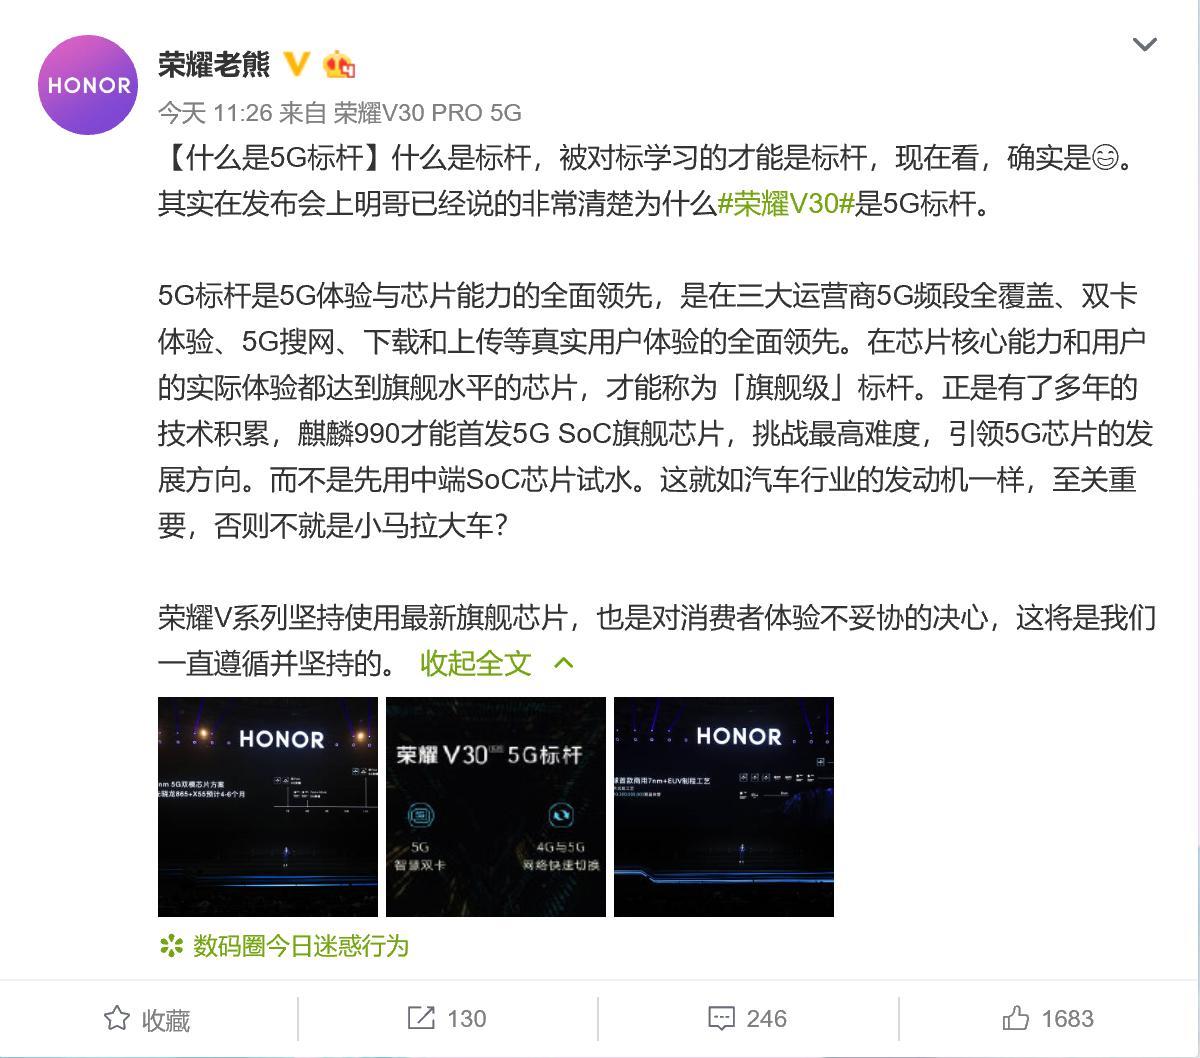 """荣耀熊军民用""""三个全面领先""""解读5G标杆"""